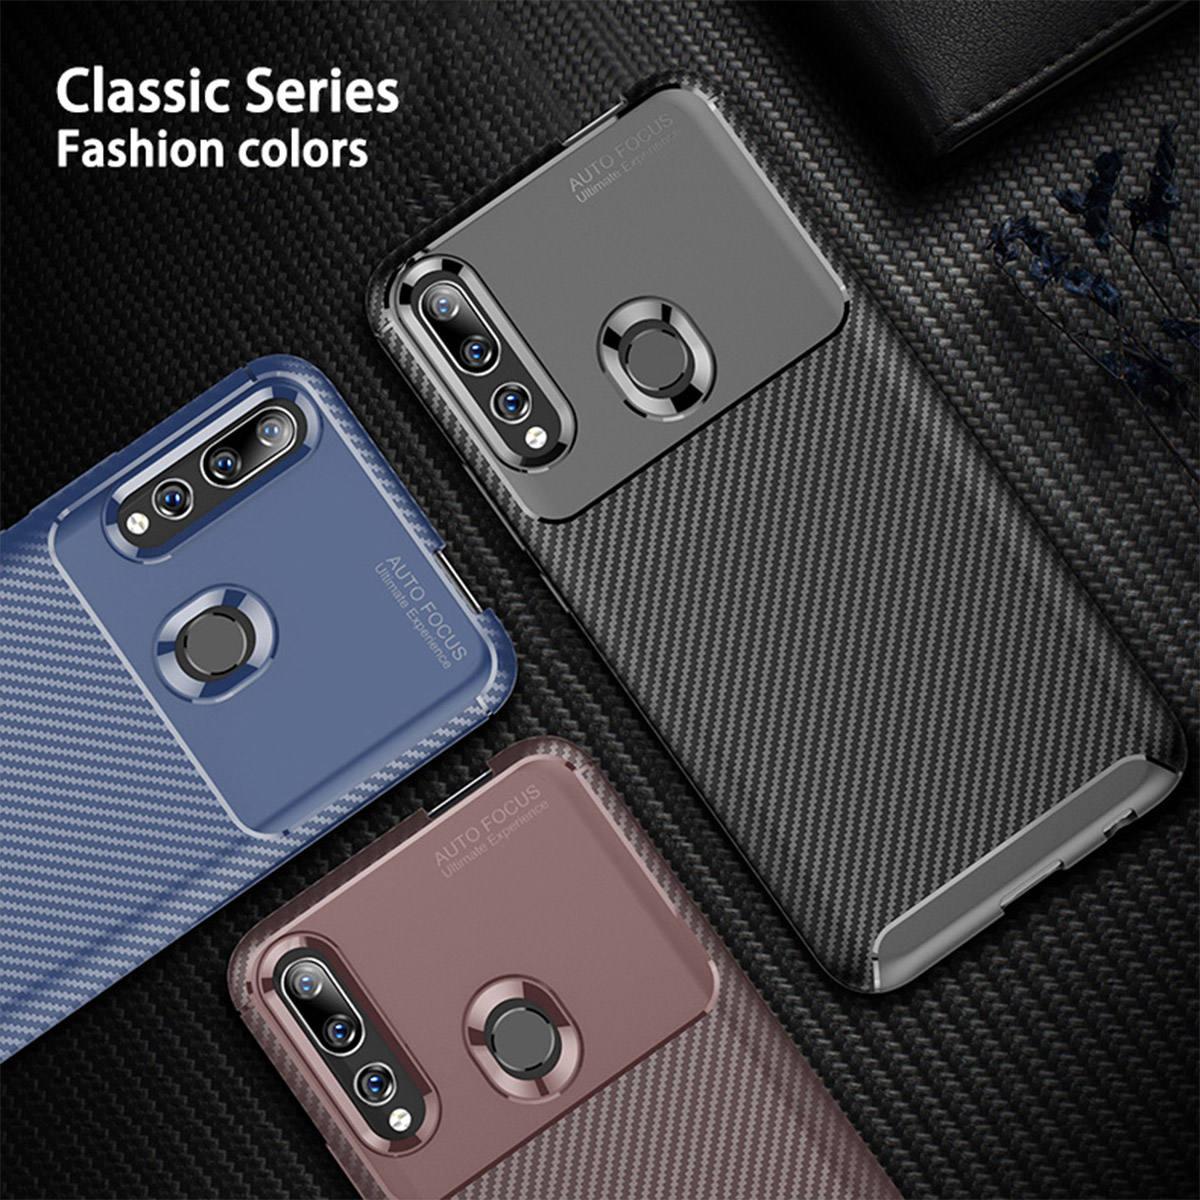 کاور لاین کینگ مدل A21 مناسب برای گوشی موبایل هوآوی Y9 Prime 2019 / آنر 9X thumb 2 21